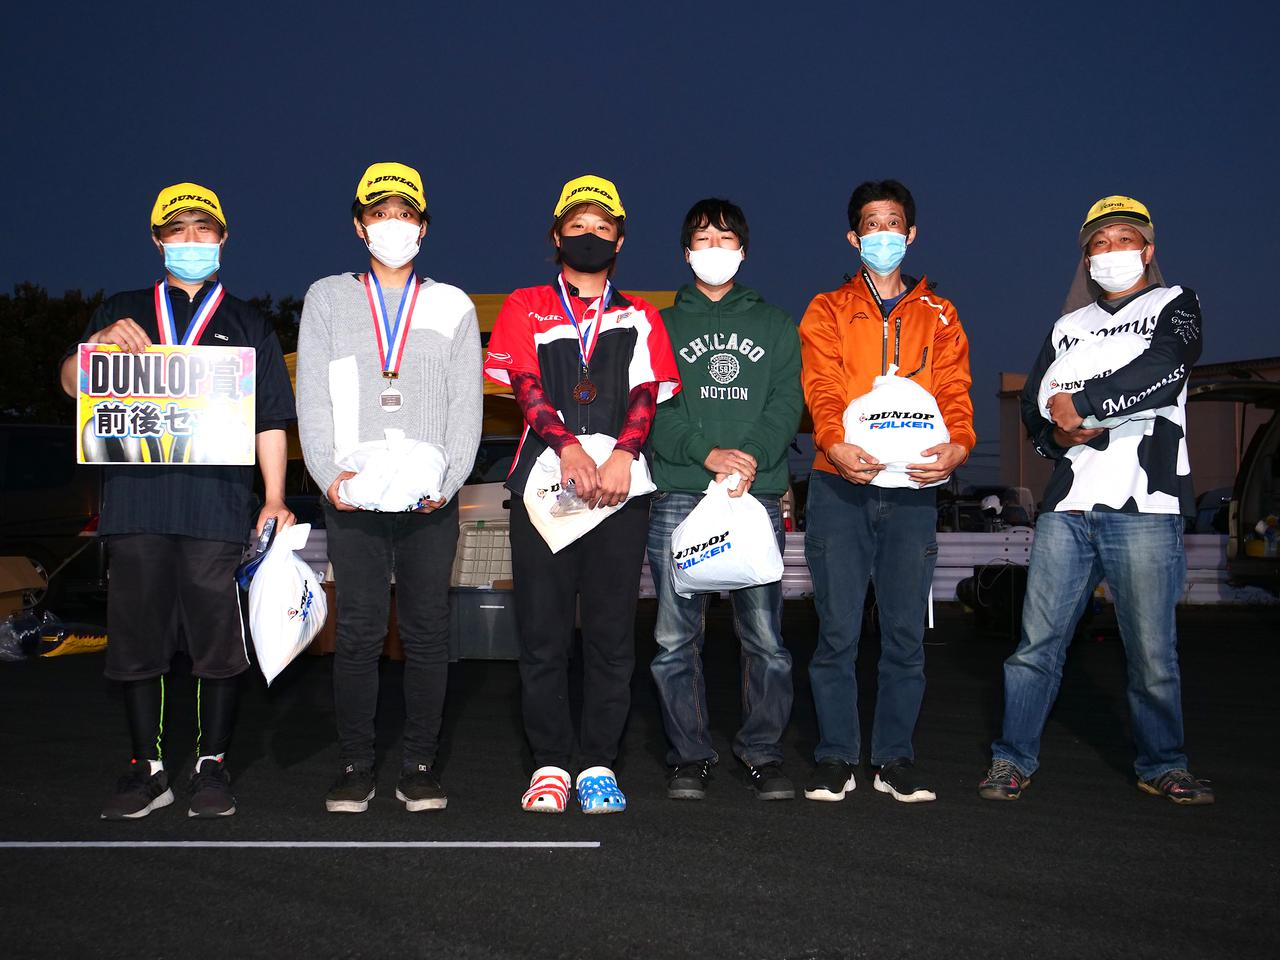 画像: 左から1位・井川洋一選手、2位・江口 柊選手、3位・山田史雄選手、4位・松下 良選手、5位・吉田篤司選手、6位・伊原英樹選手